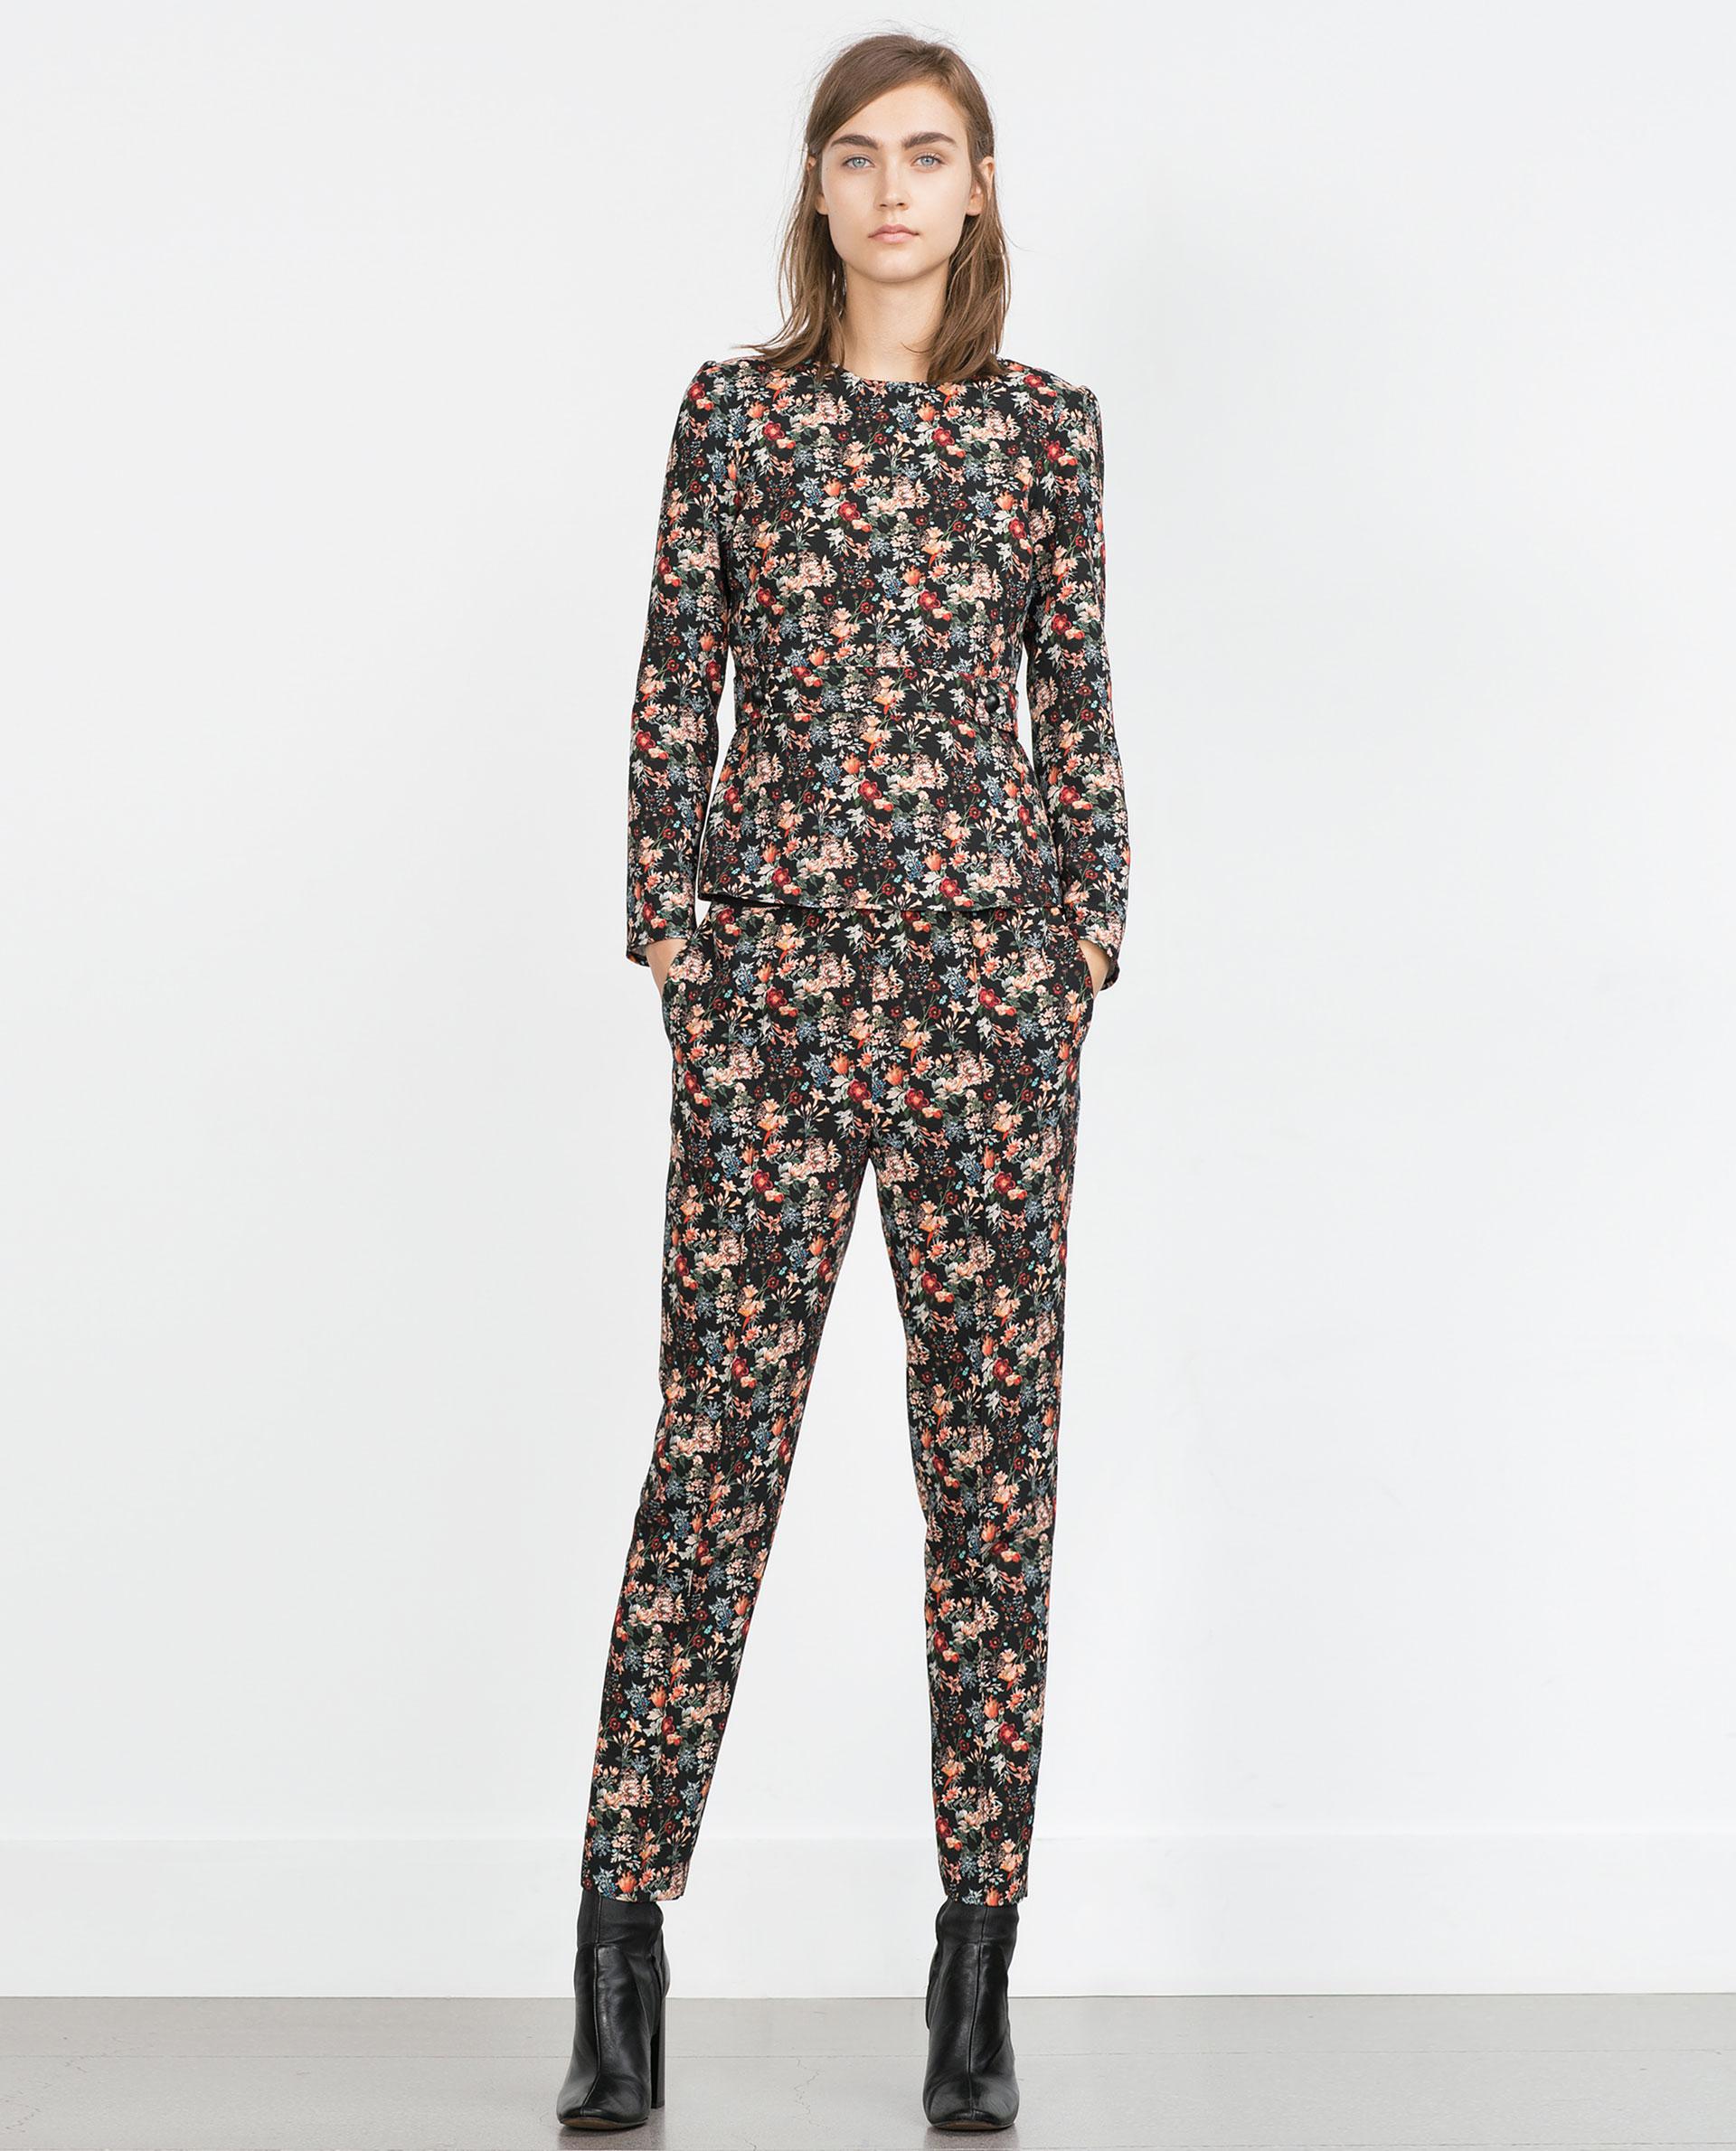 Piano Zara Moda In Nuova Primo Collezione Donna 2015La Inverno 0OknwP